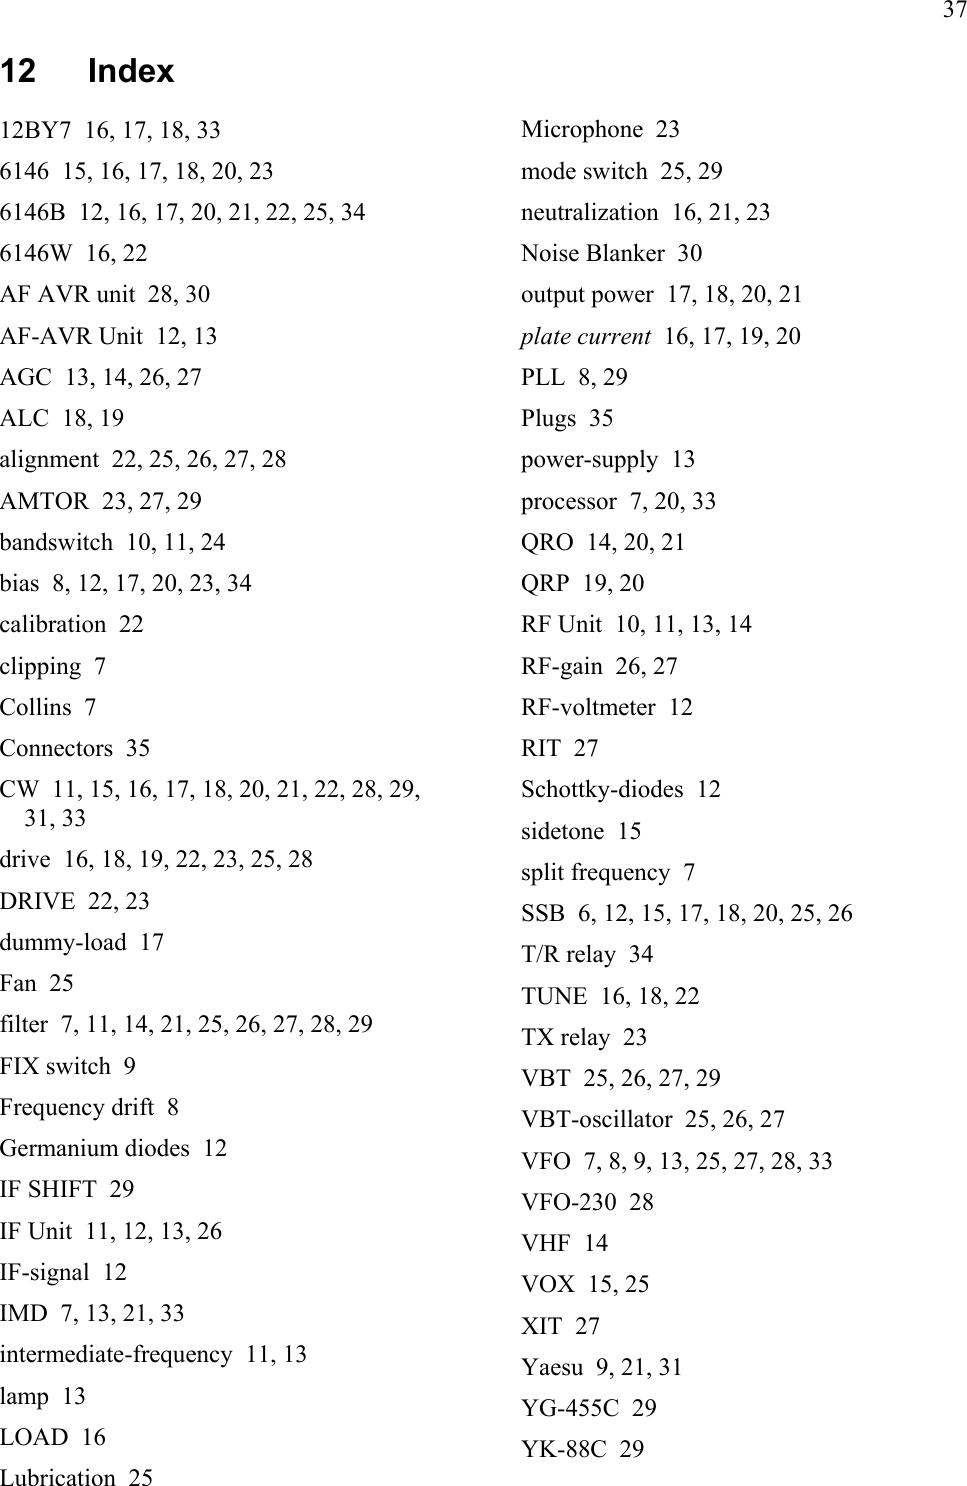 Sammlung Von Problemlösungen Für TS 830S, KENWOOD 830 SURVIVAL GUIDE